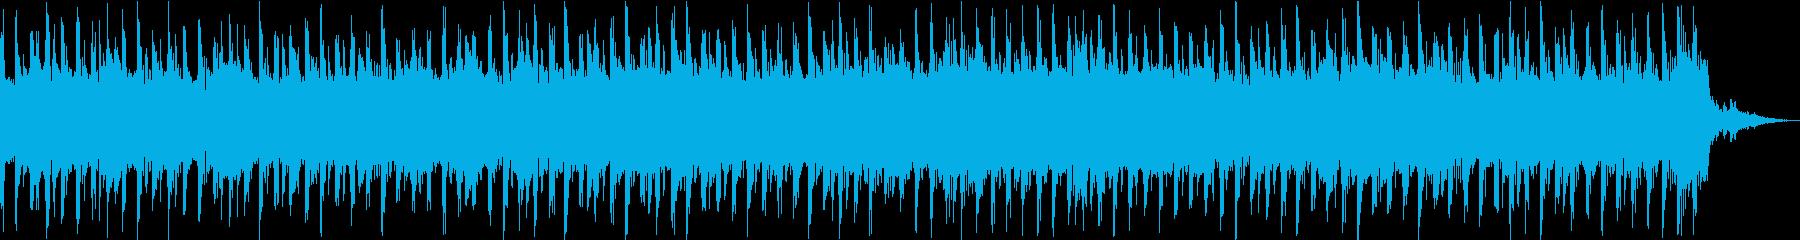 キラキラとした雰囲気のテクノポップの再生済みの波形